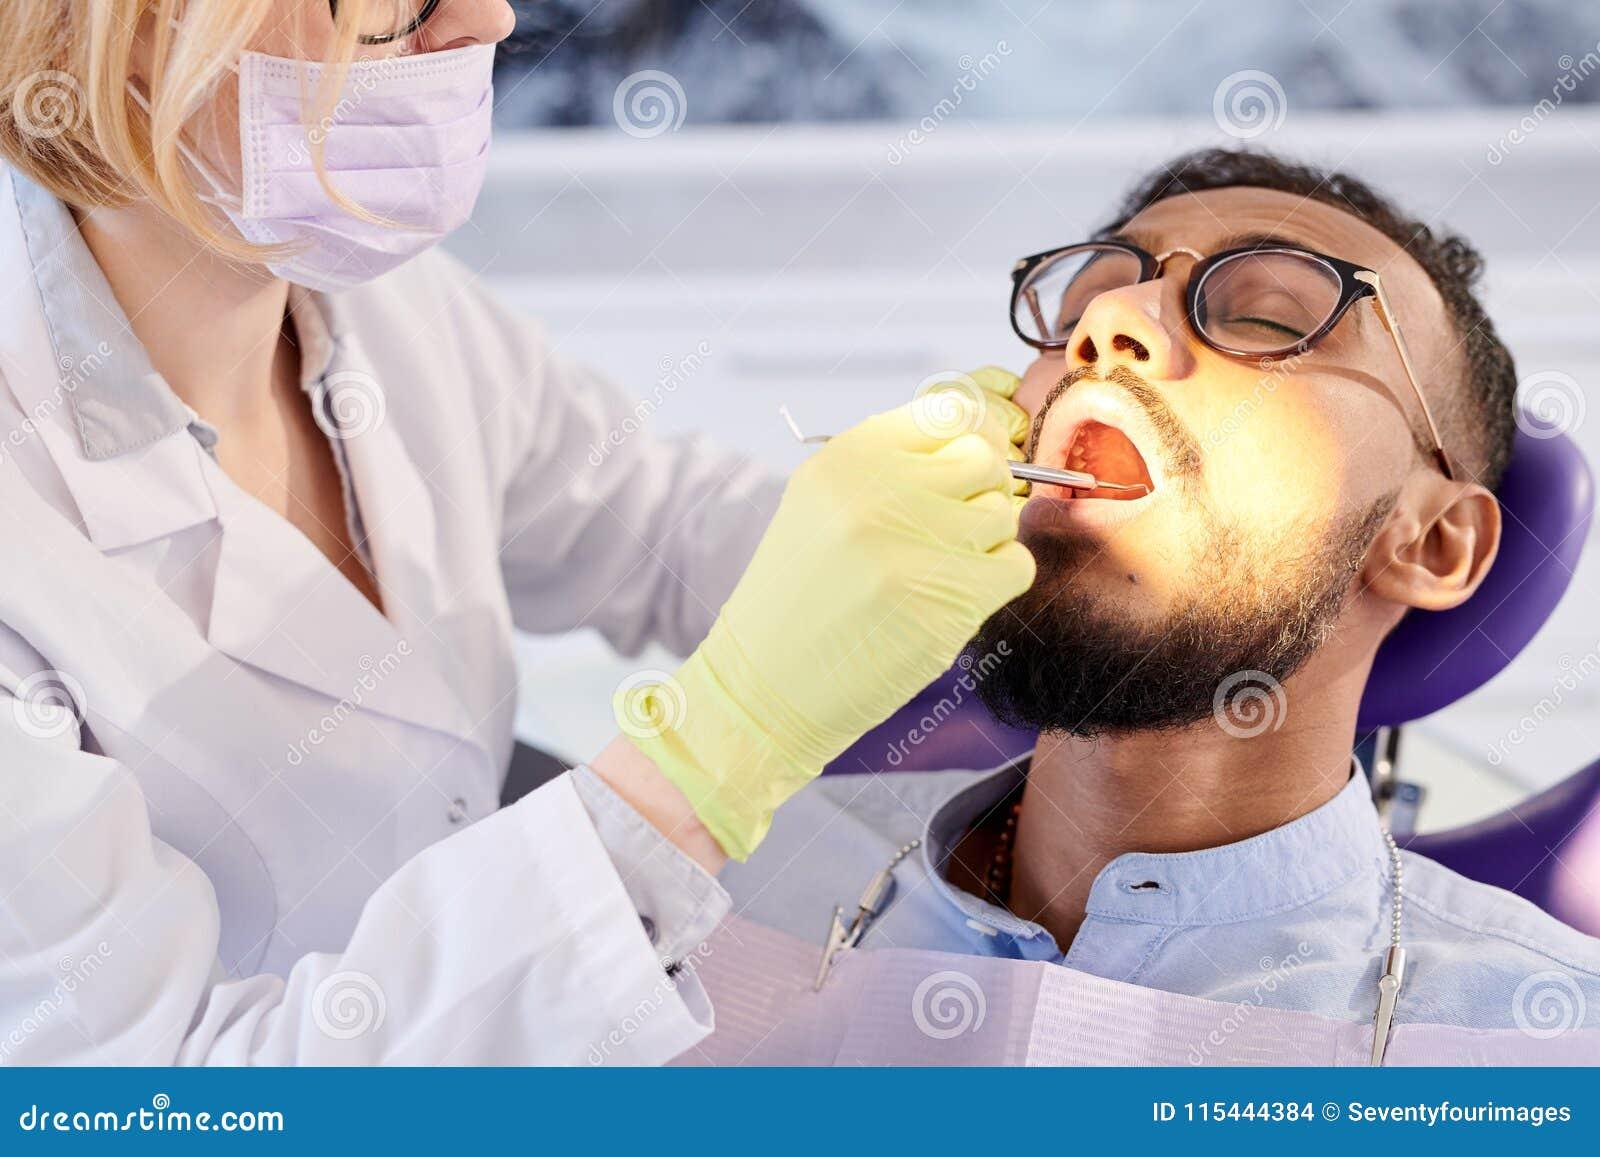 Undergoing Dental Filling